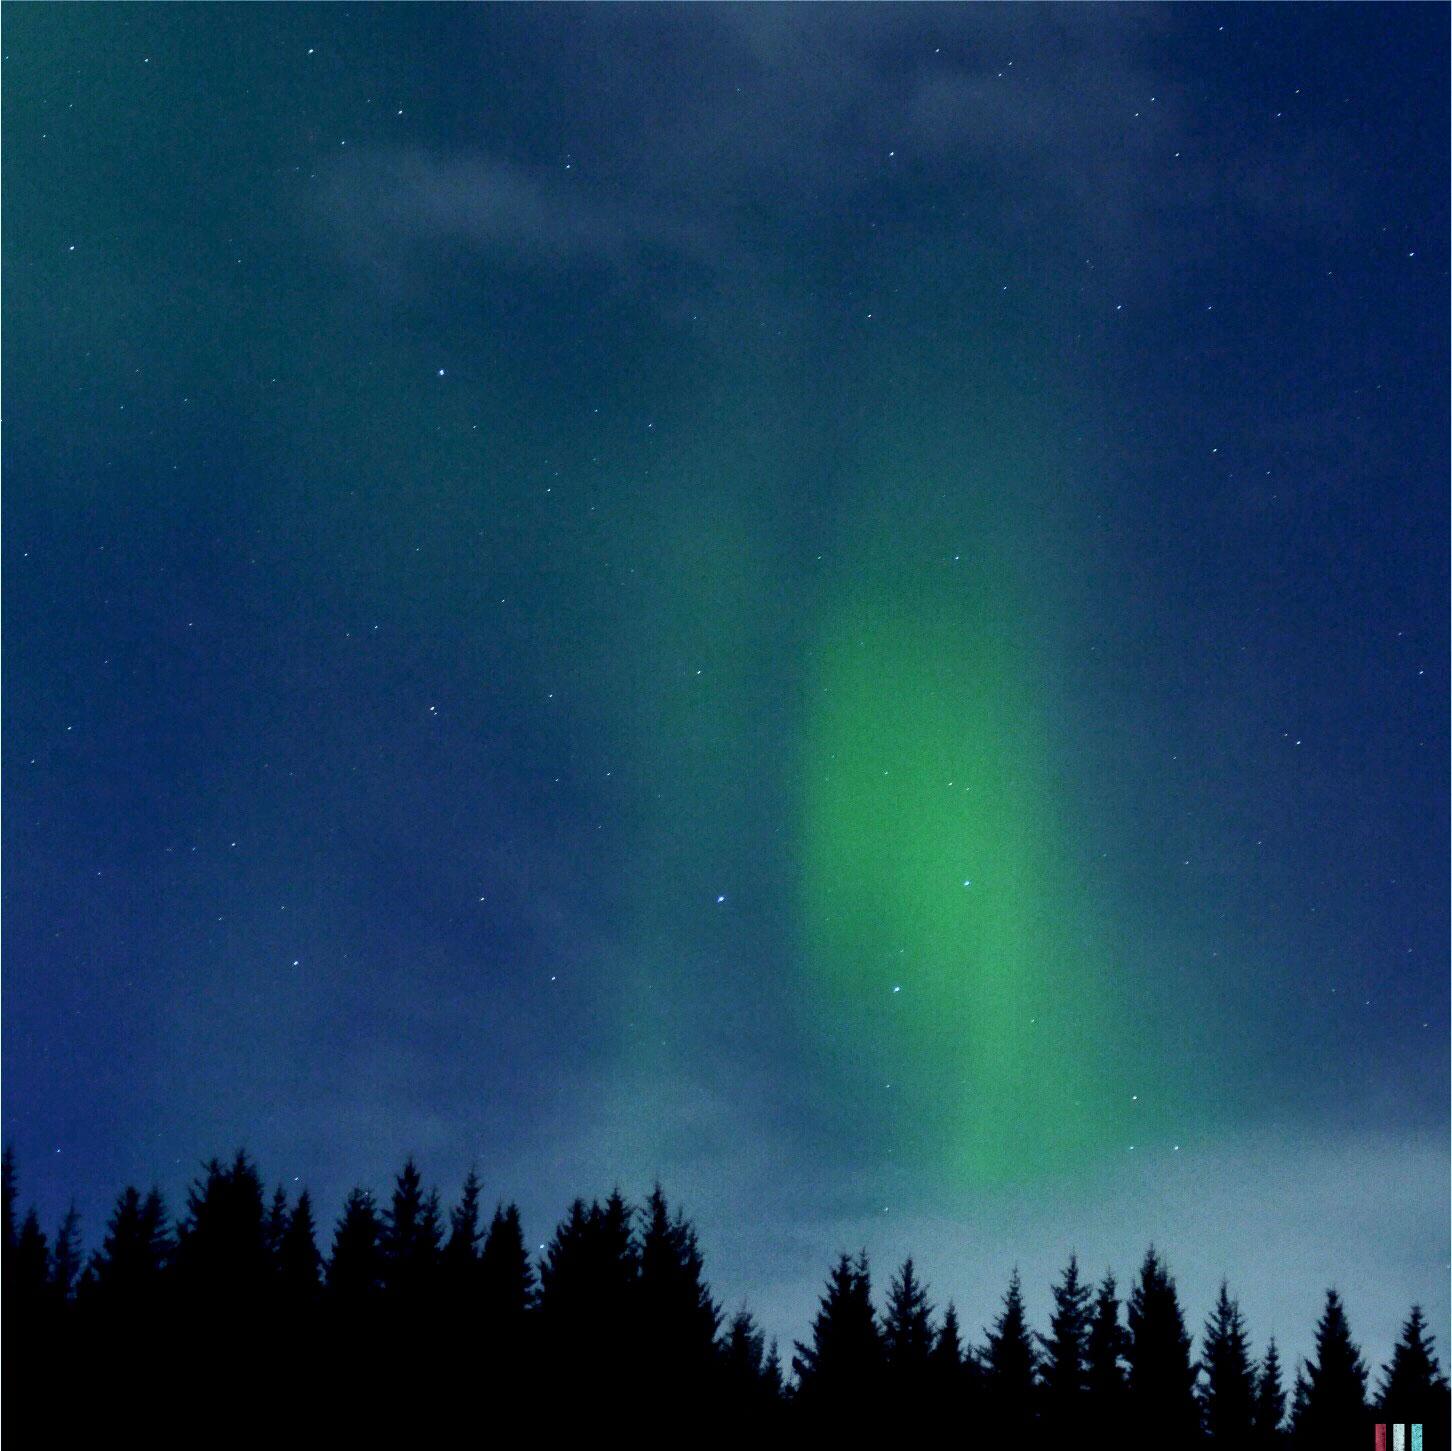 norwegen-nordlichter-09.jpg